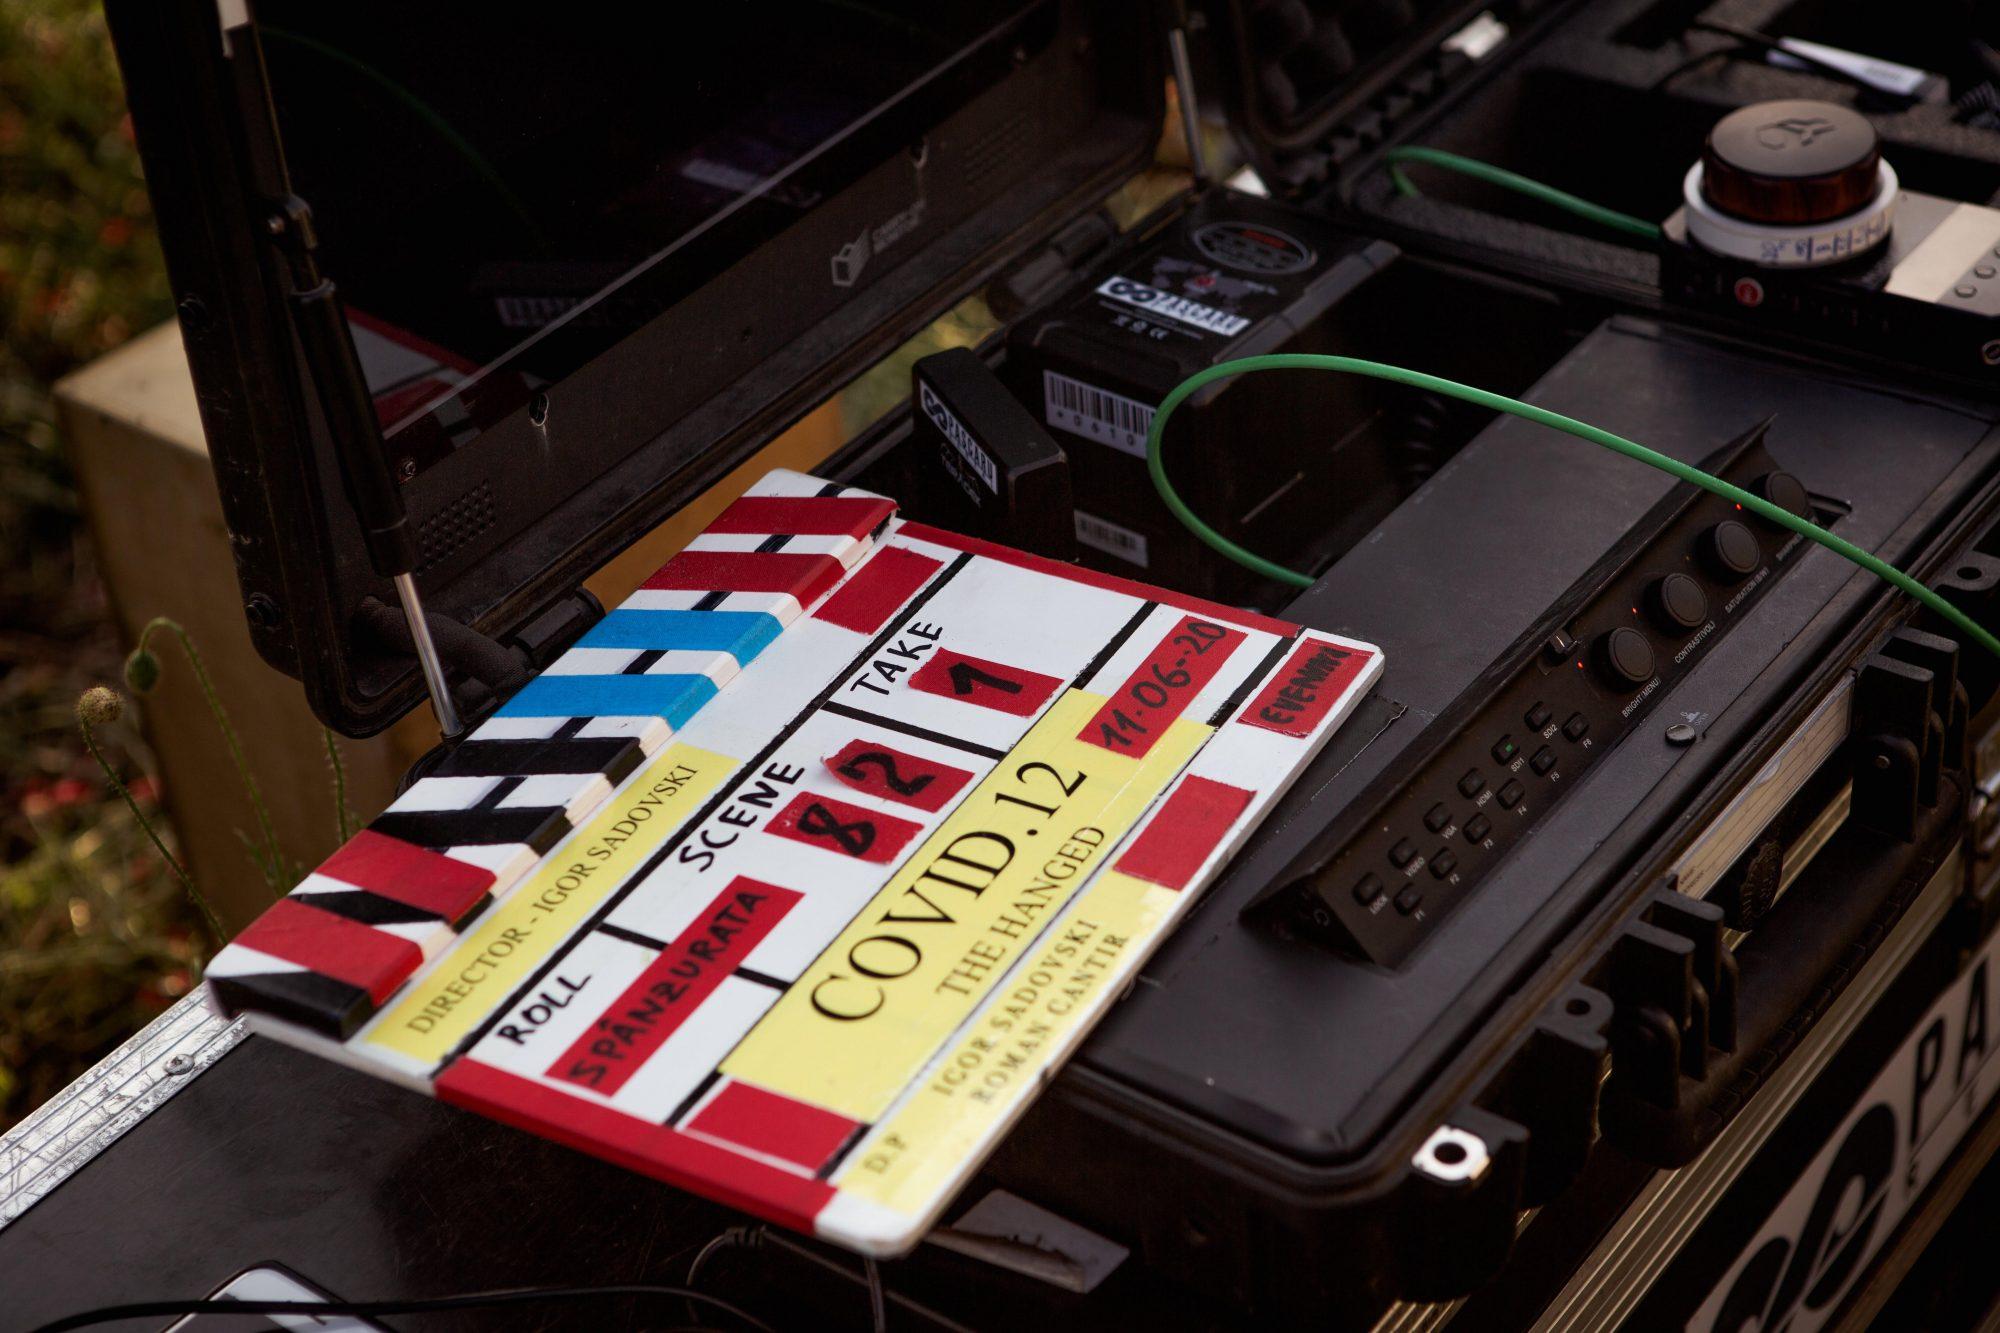 ВМолдове снимут фильм, вдохновленный пандемией коронавируса (ФОТО)